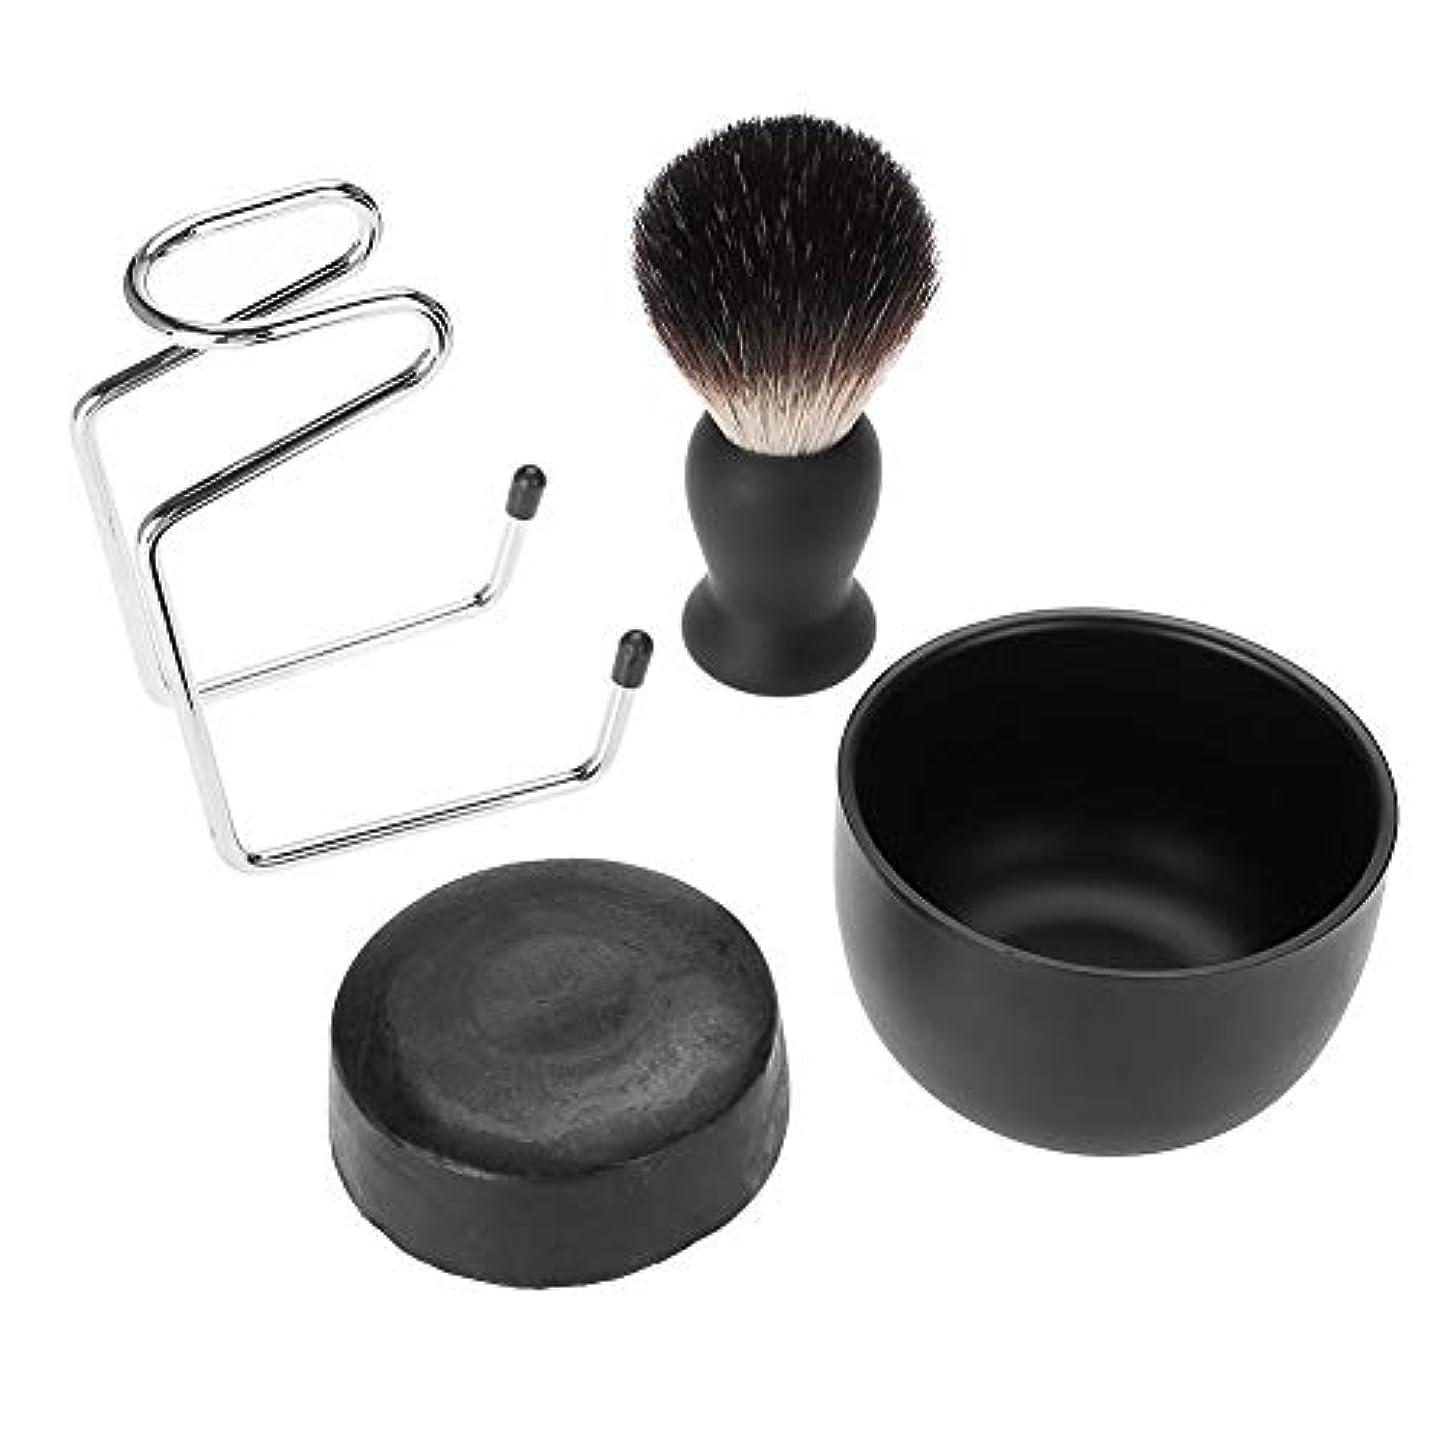 心臓略語経験的ひげ剃りセット、ひげ剃りツールキット付きシェービングブラシ+ブラシスタンド+シェービングソープ+男性用ギフトサロンホームトラベル使用